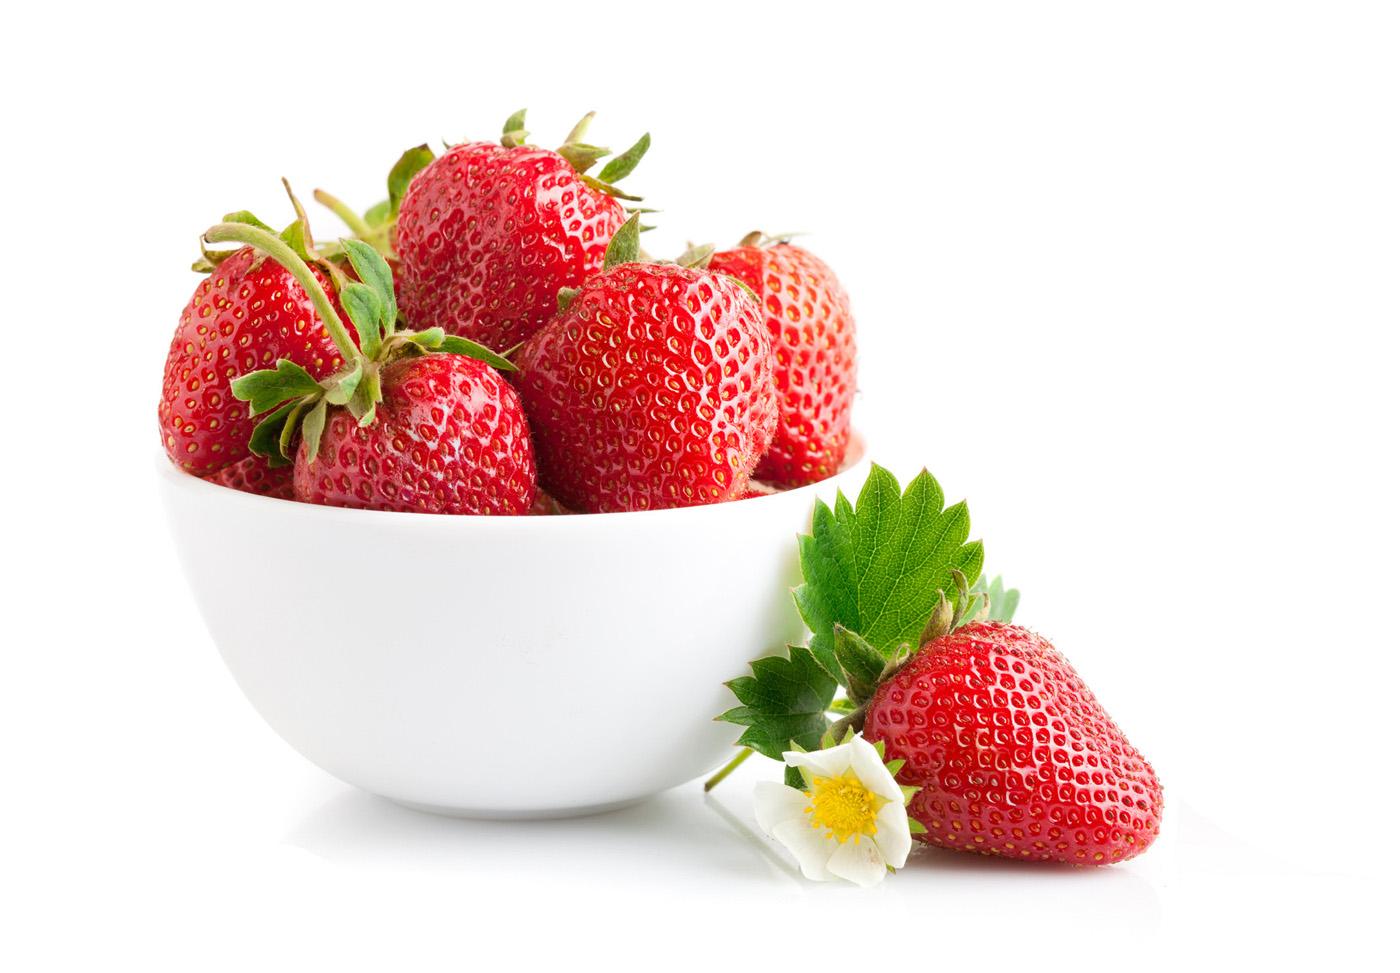 Strawberries.0